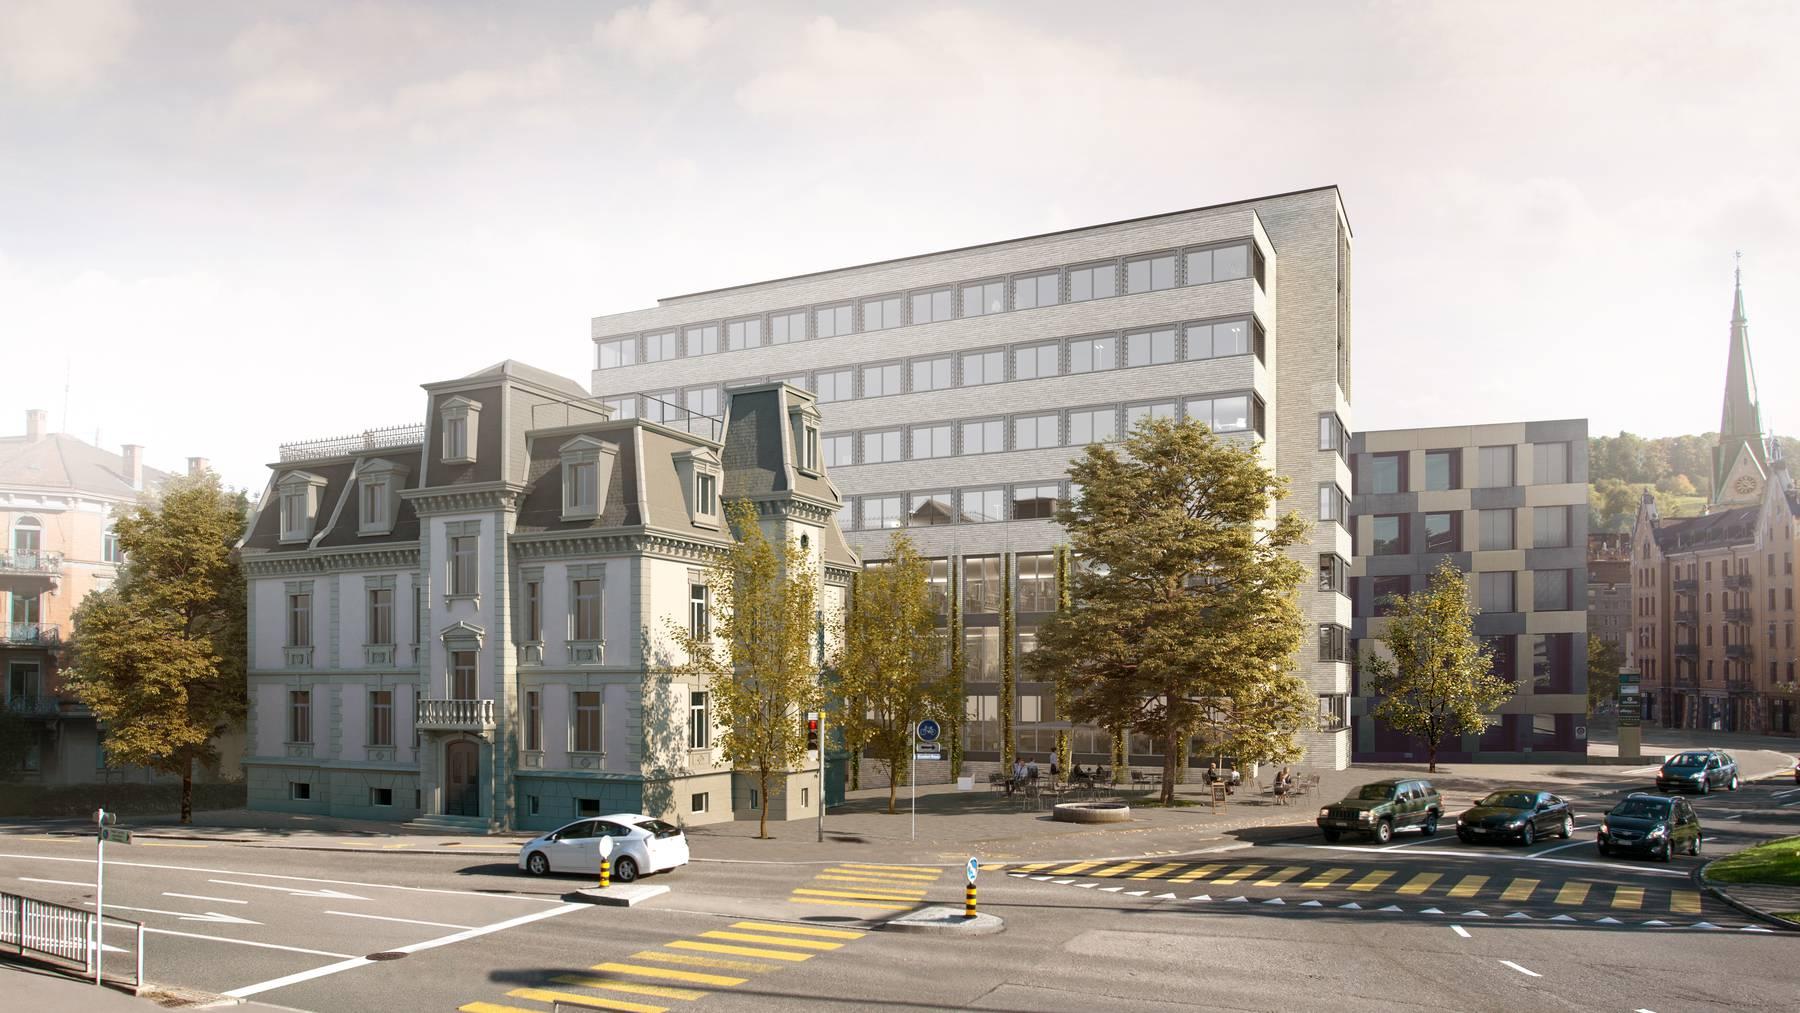 Hotelkomplex hinter altehrwürdiger Villa – so soll es am Bahnhof Nord dereinst aussehen.